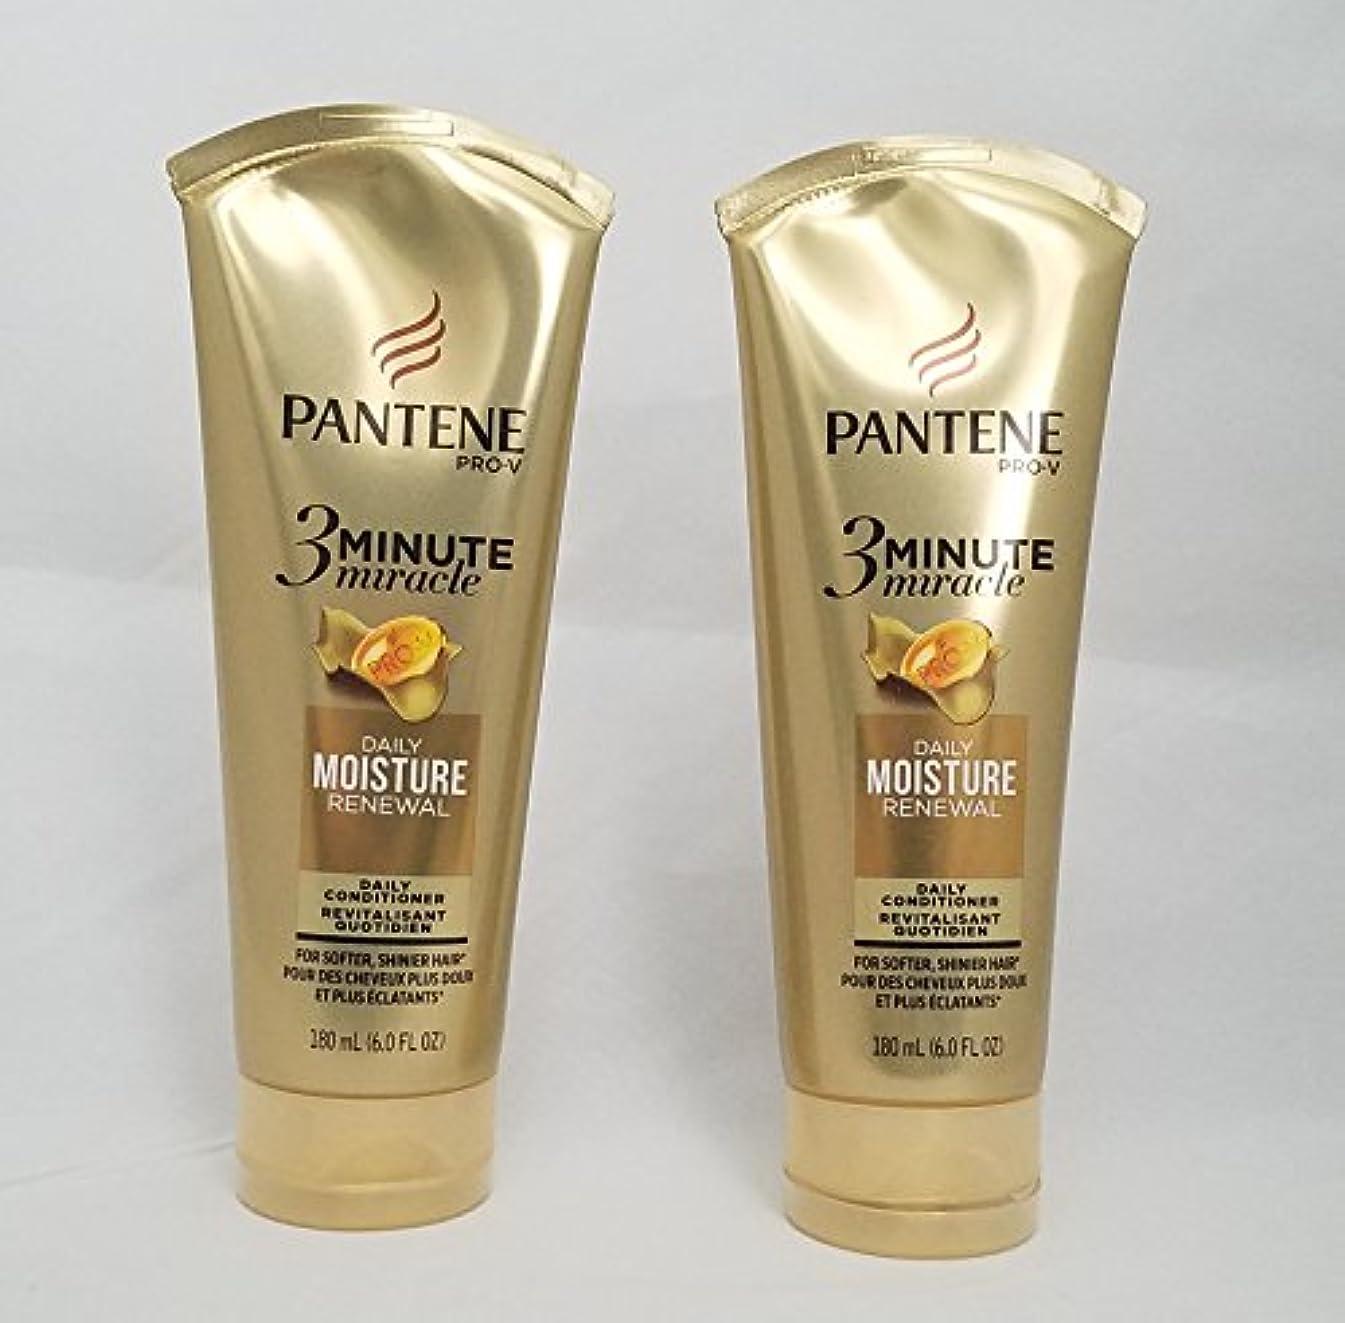 カメボンド正統派Pantene モイスチャーリニューアル3分ミラクルディープコンディショナー、6液量オンス、2パック